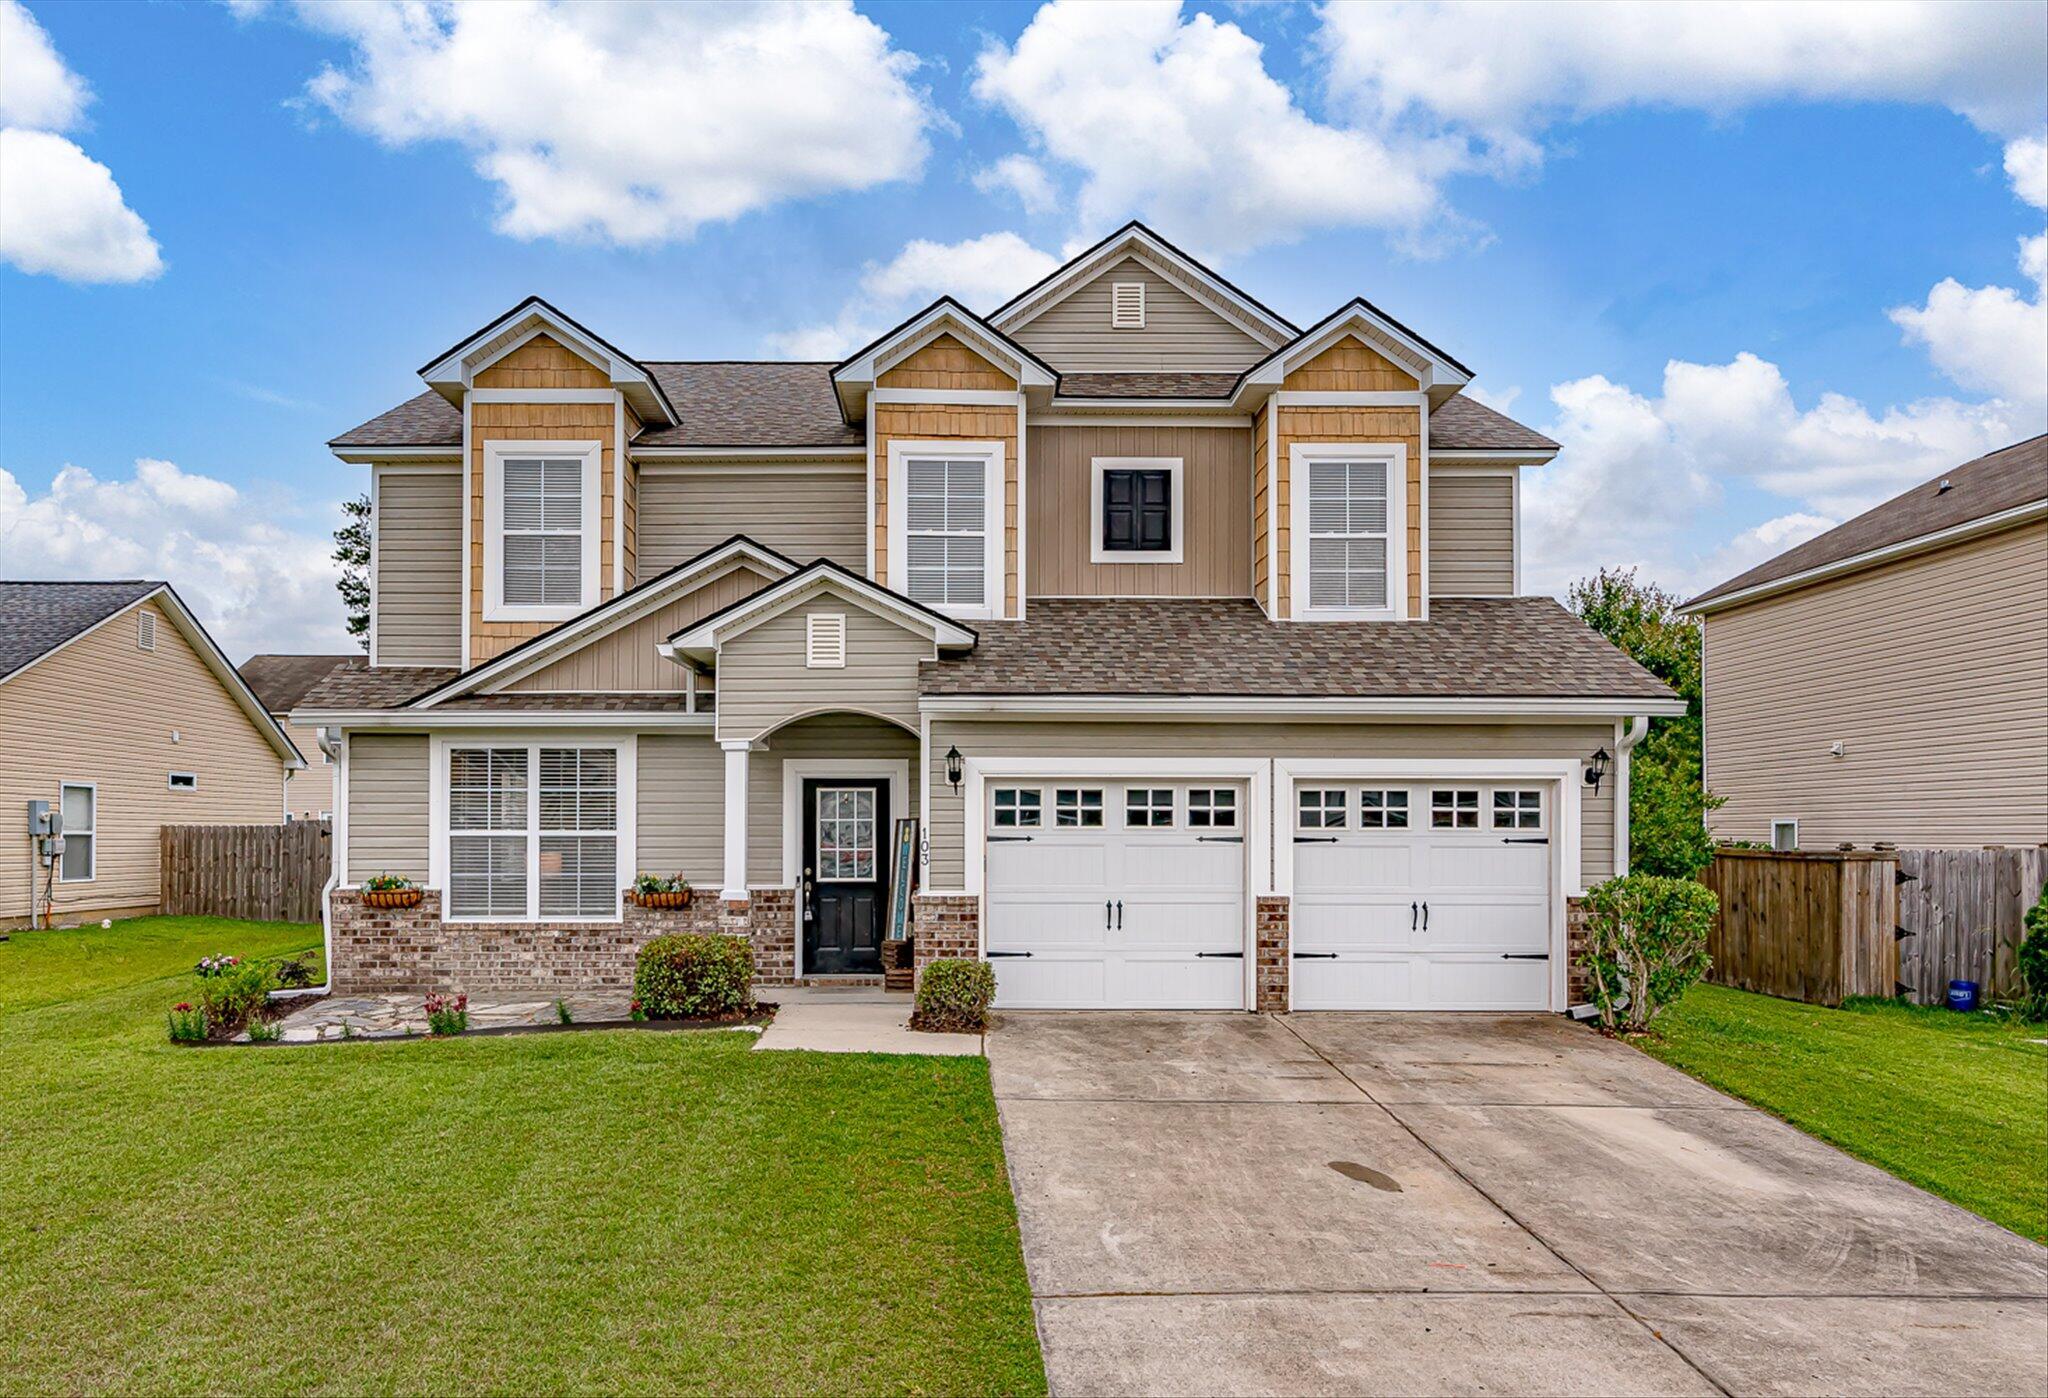 103 Summer View Road Summerville, SC 29486